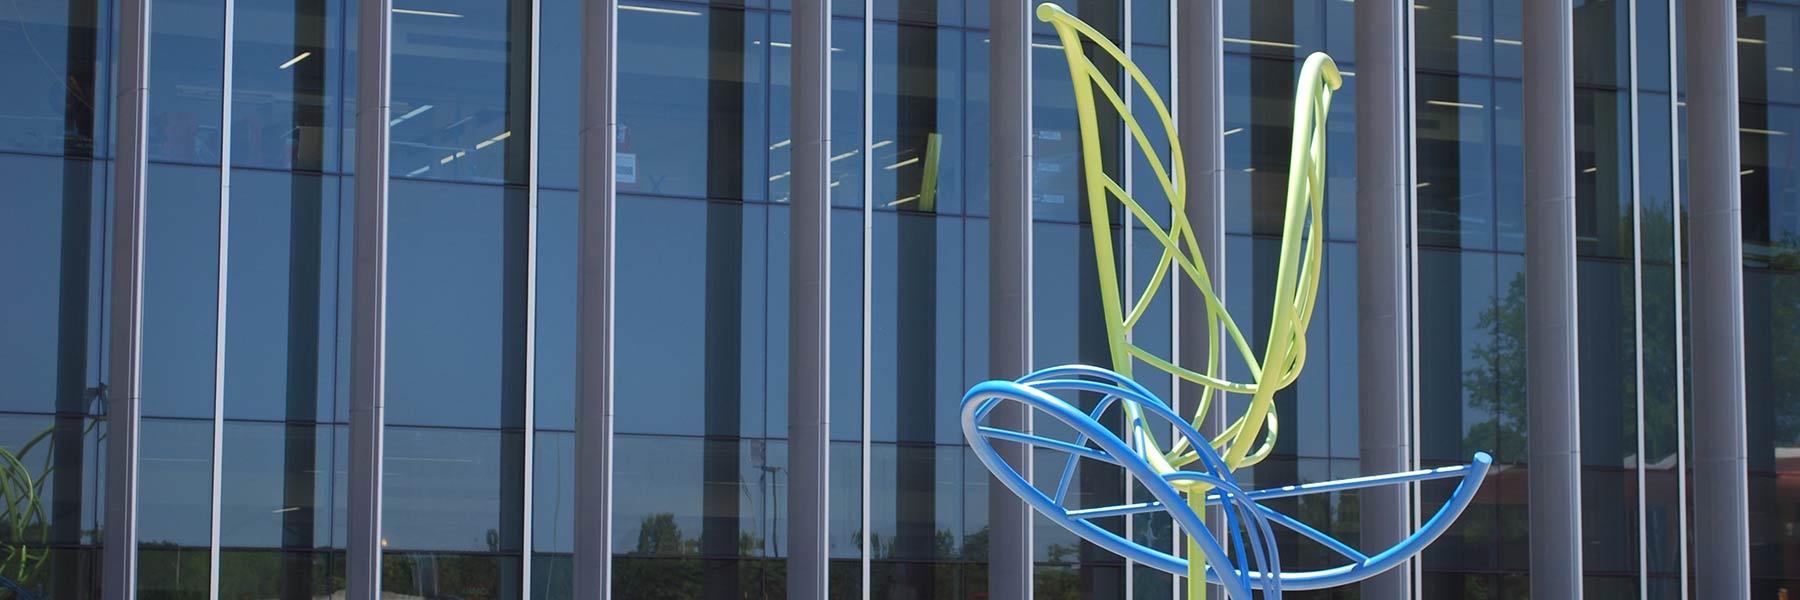 Herron School Of Art And Design Faculty